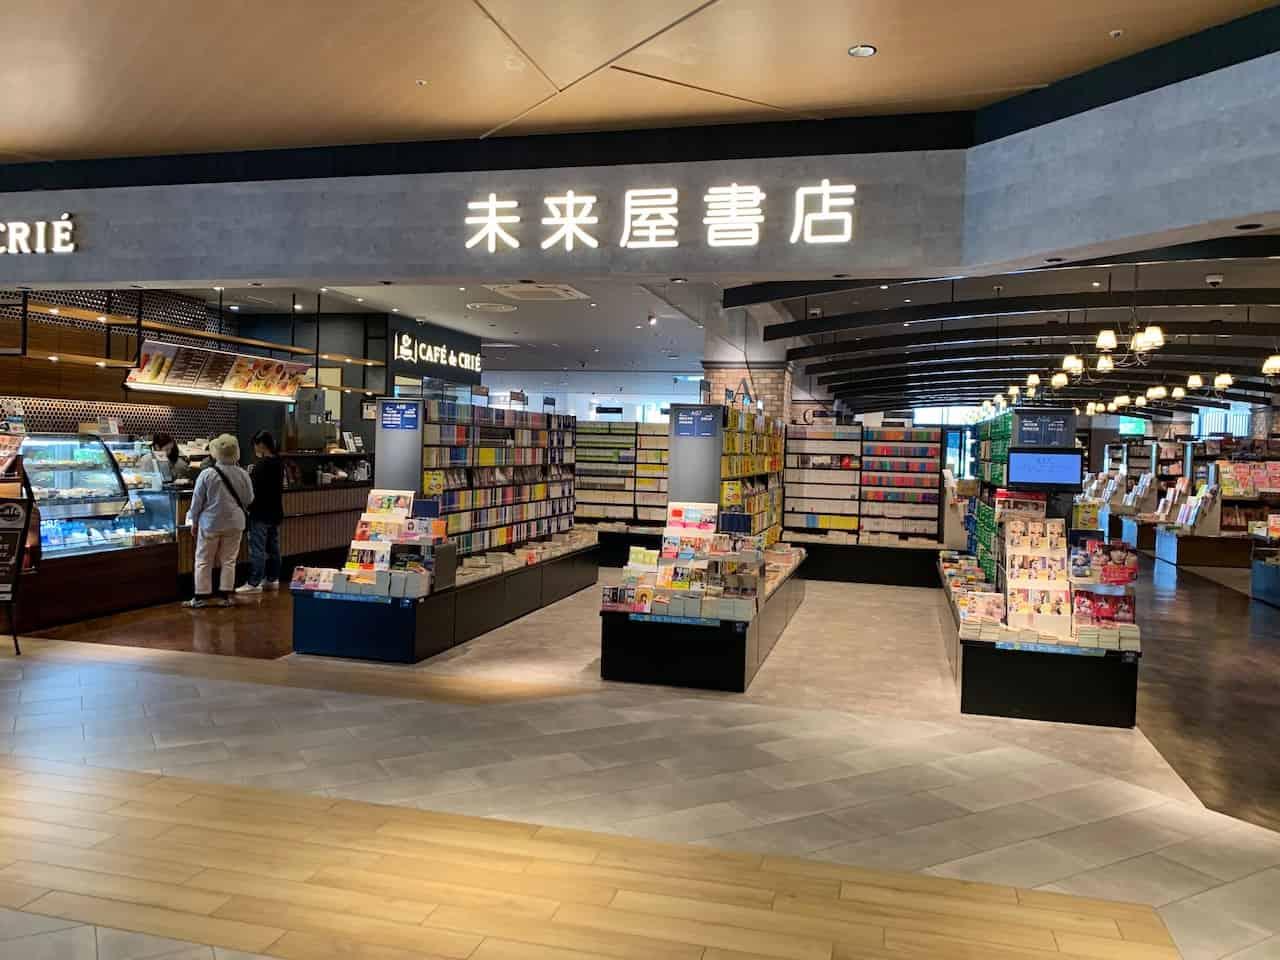 イオンモール松本の未来屋書店